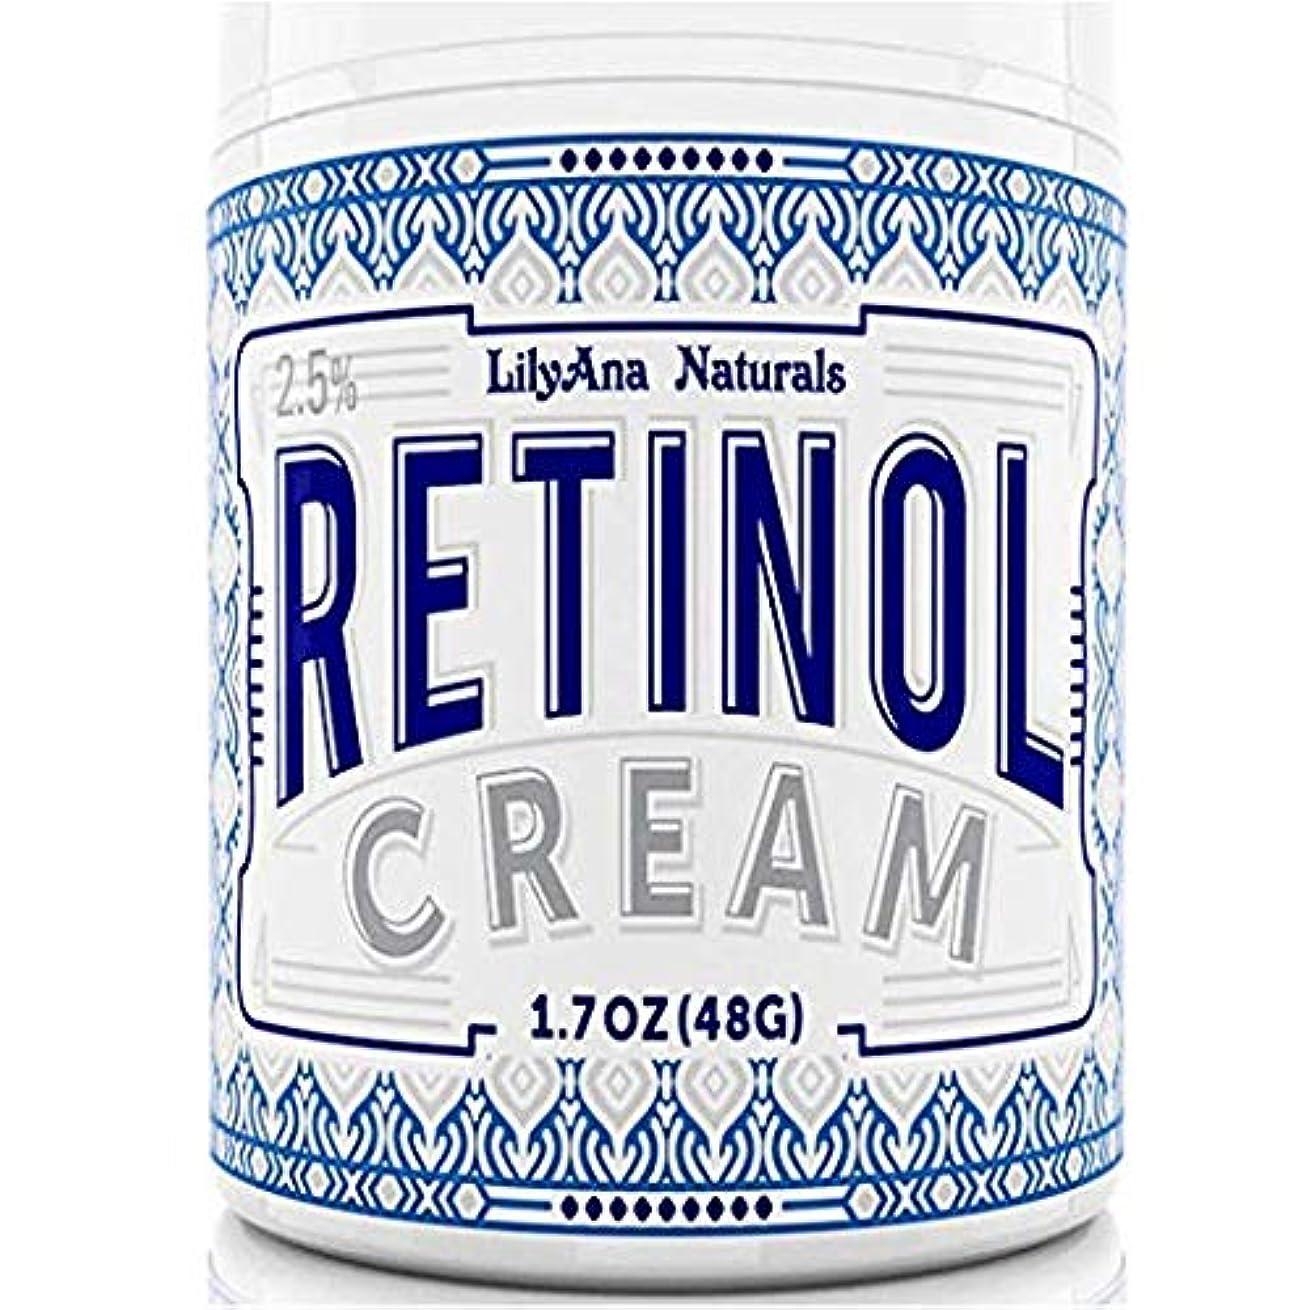 LilyAna 社 の レチノール モイスチャー クリーム LilyAna Naturals Retinol Cream Moisturizer 1.7 Oz